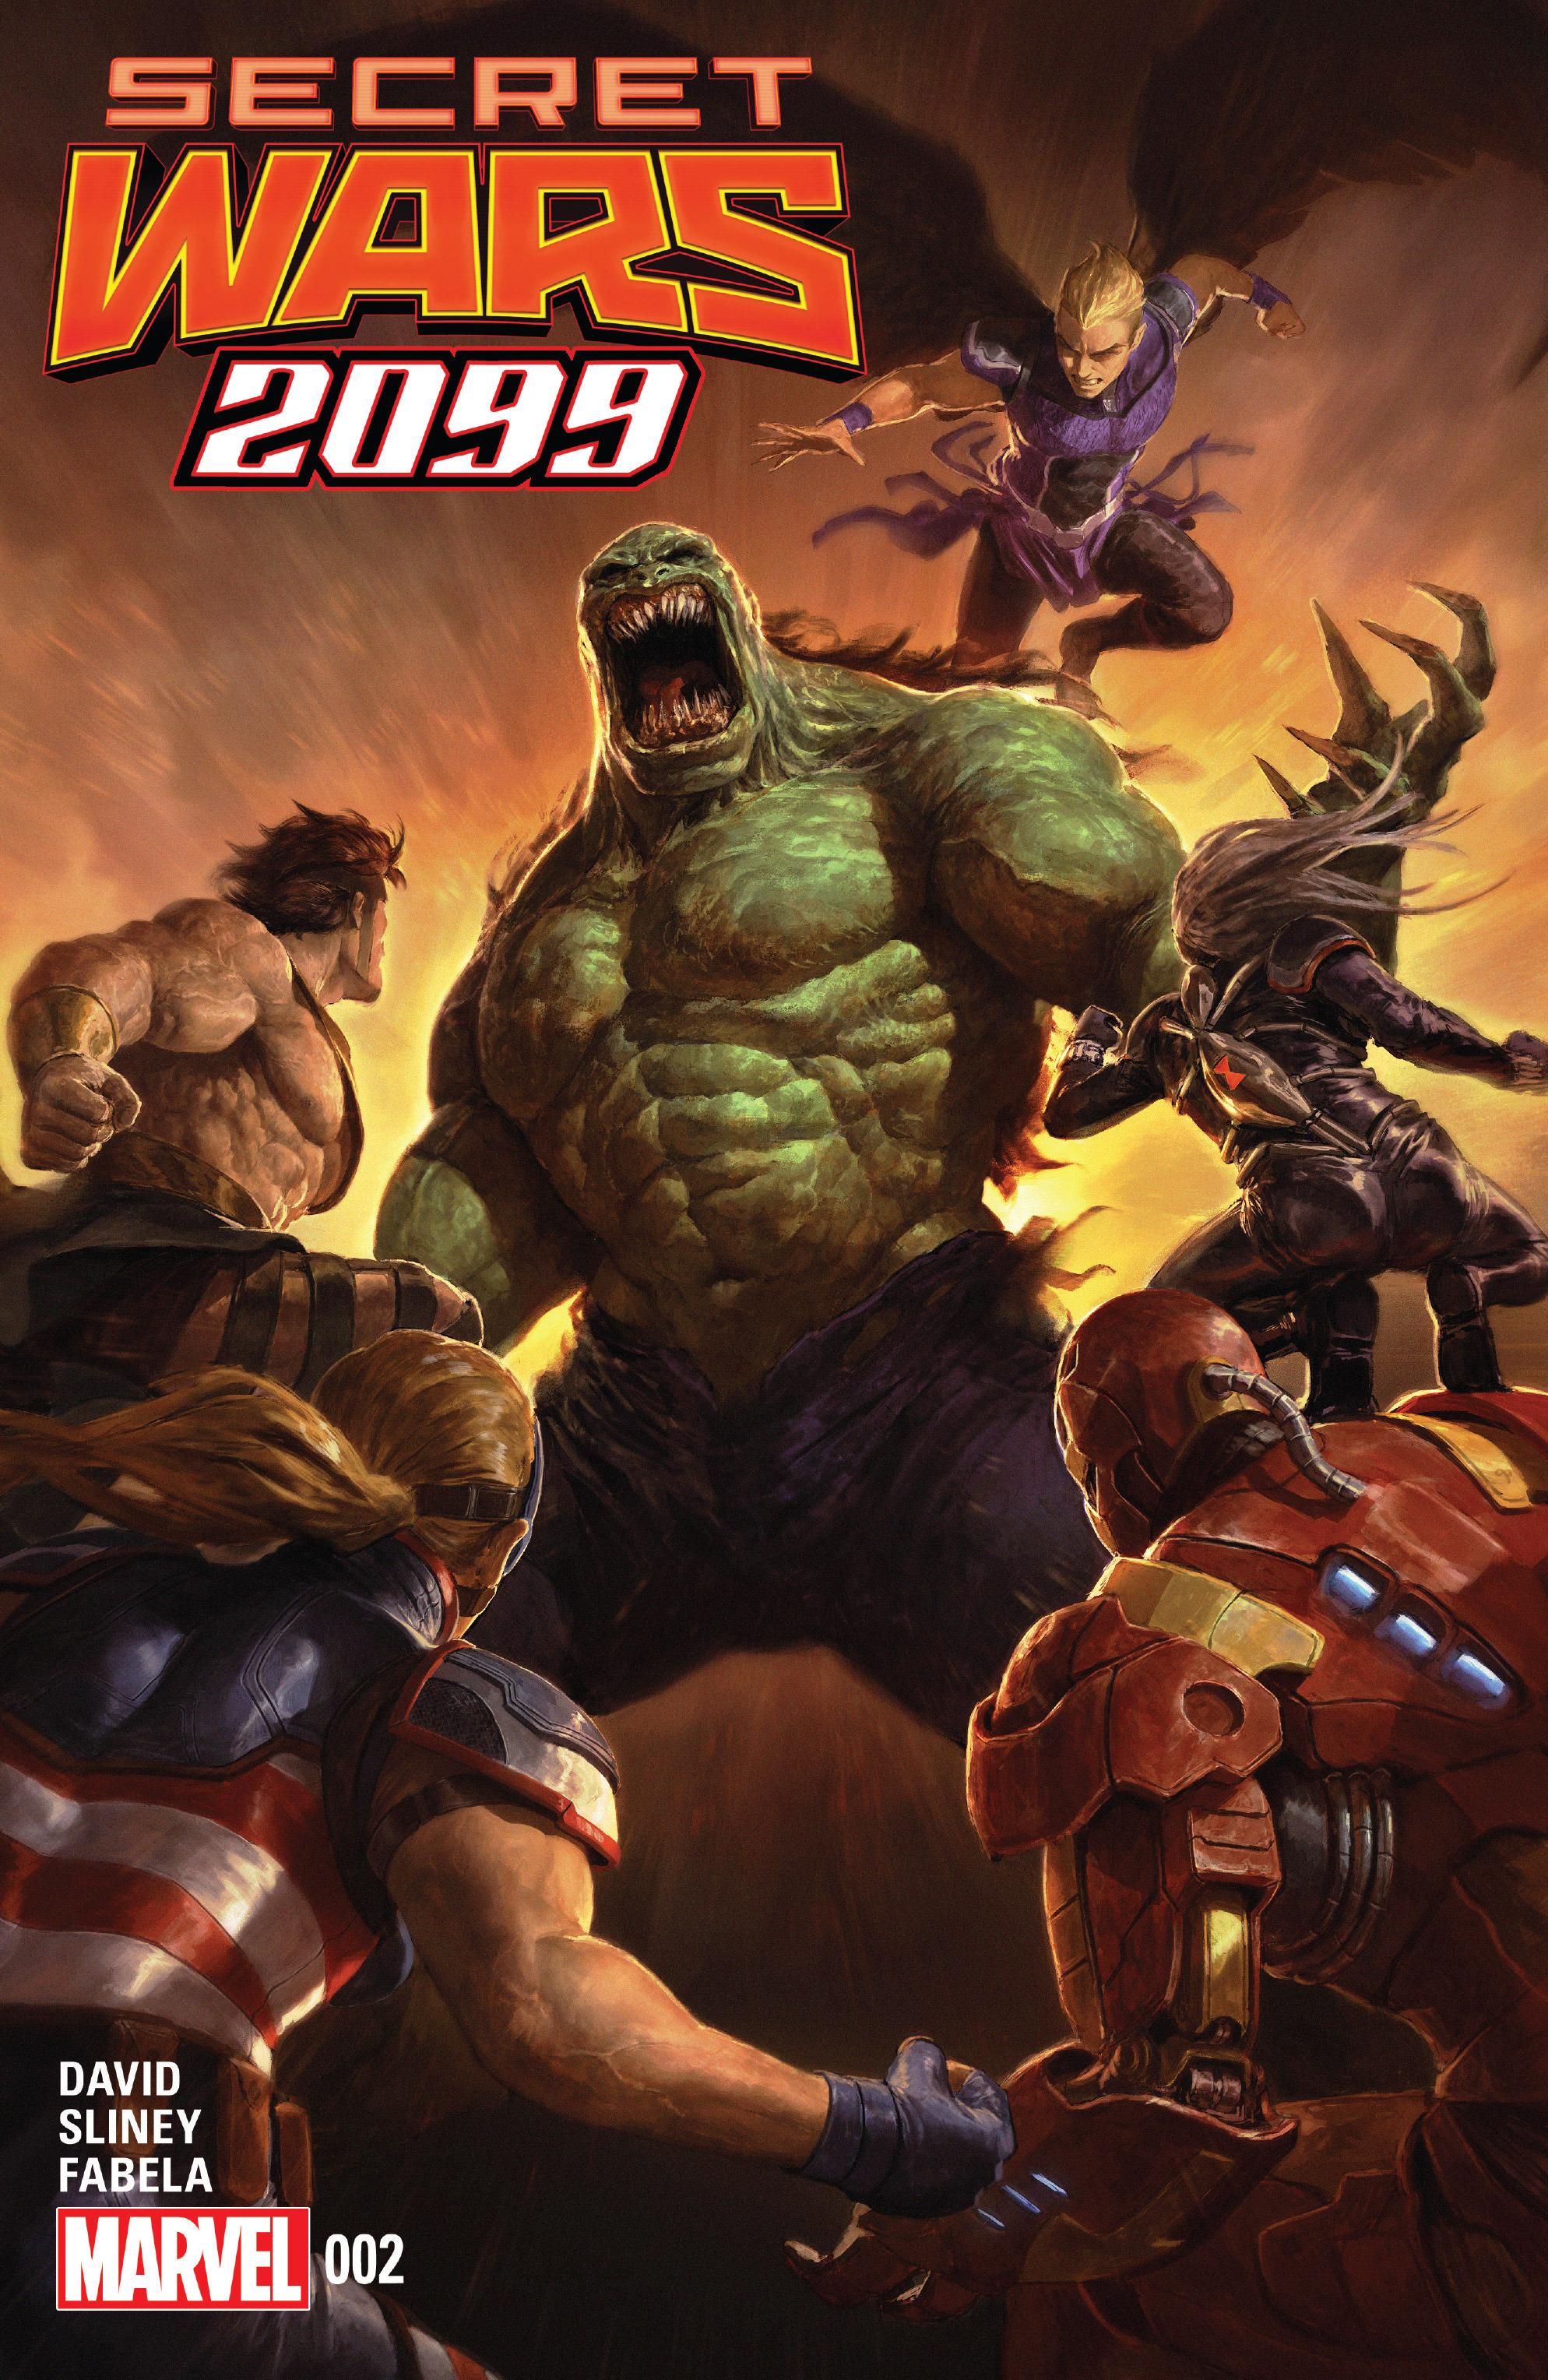 Read online Secret Wars 2099 comic -  Issue #2 - 1